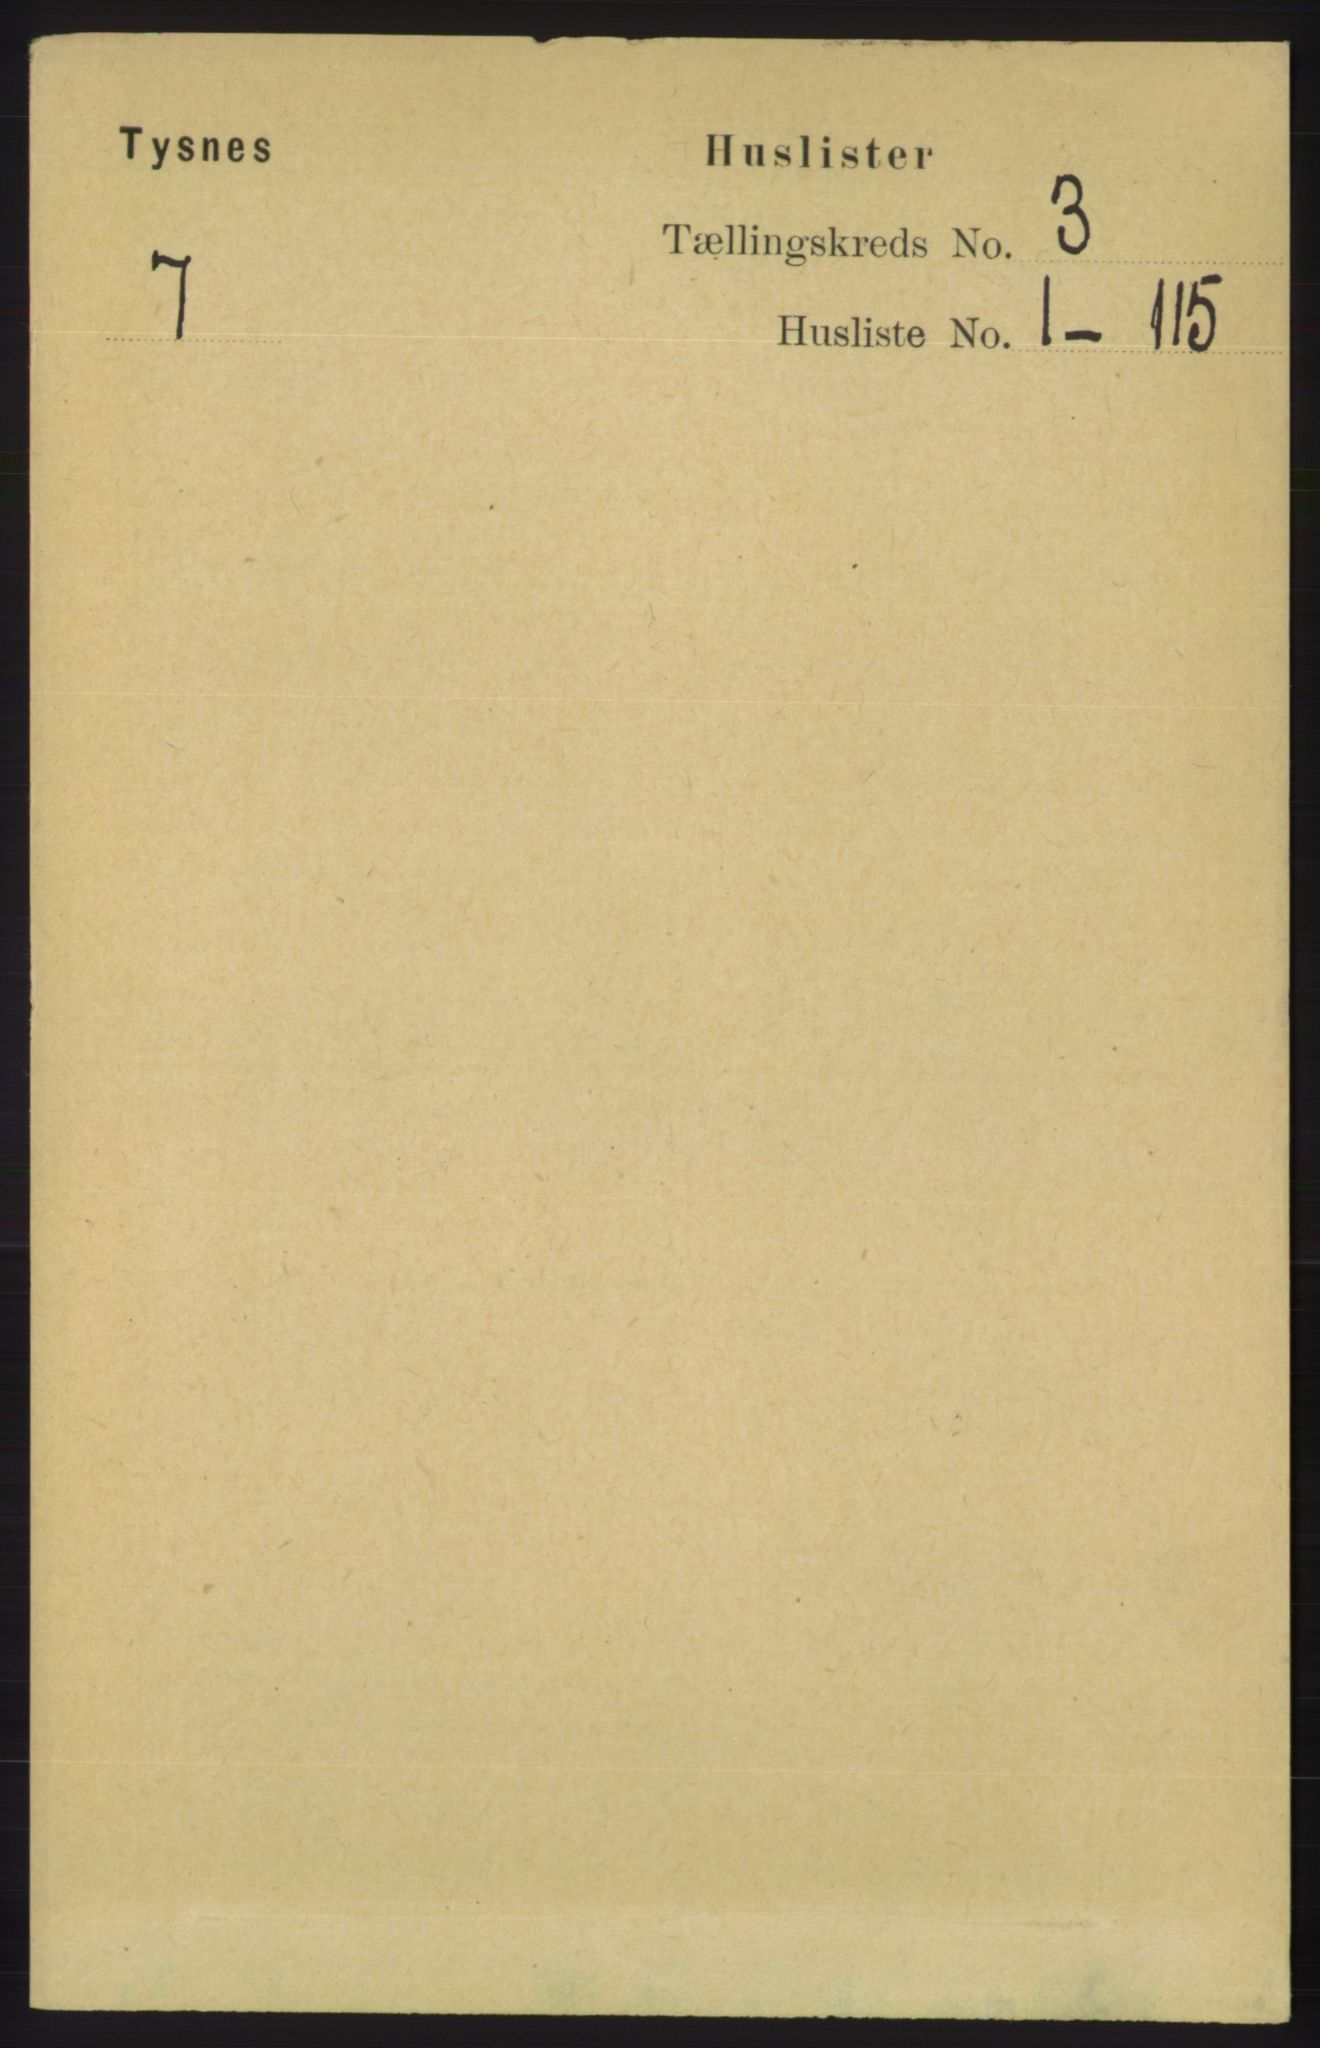 RA, Folketelling 1891 for 1223 Tysnes herred, 1891, s. 726